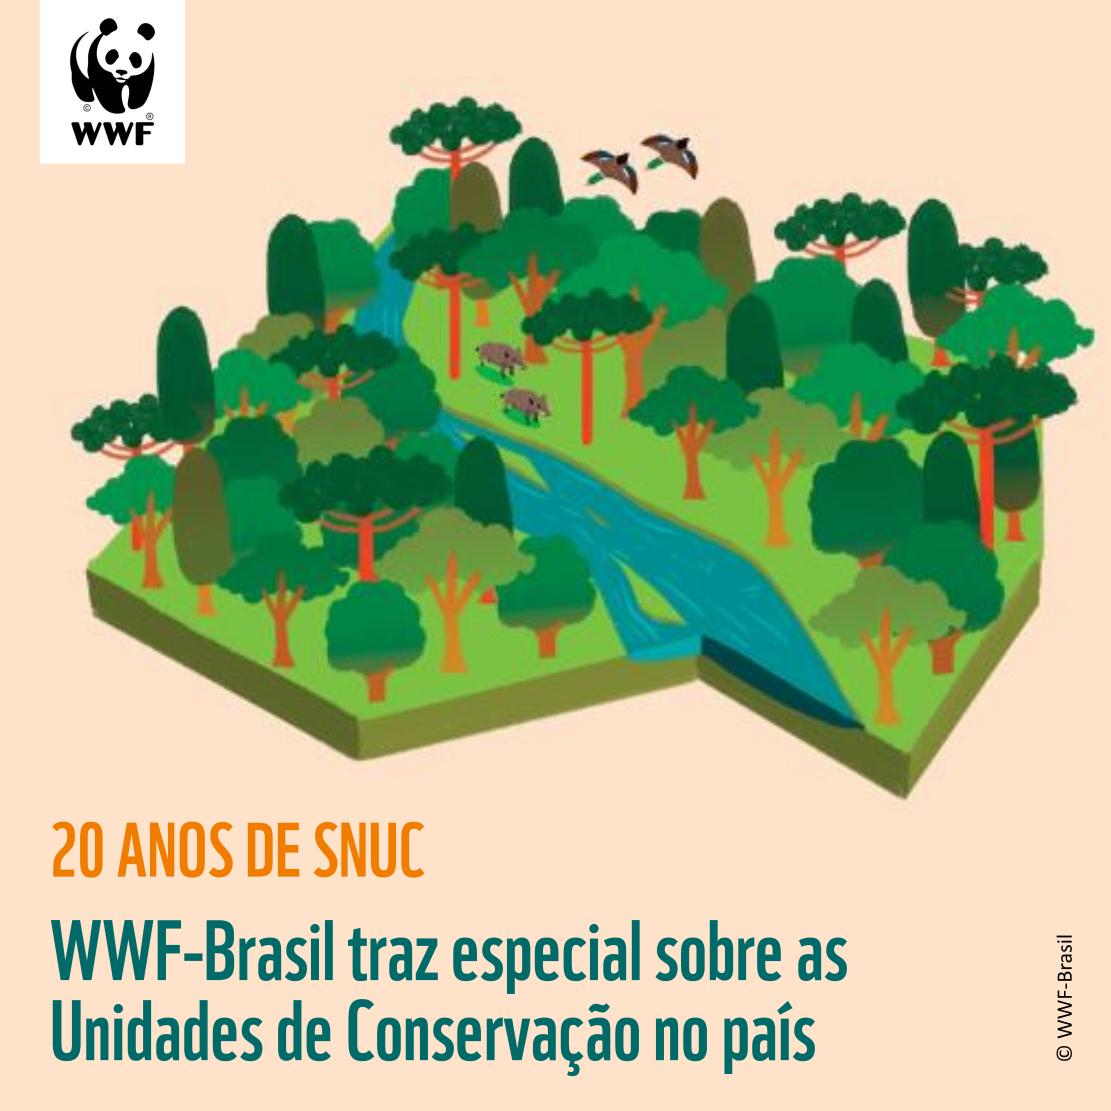 SNUC - WWF